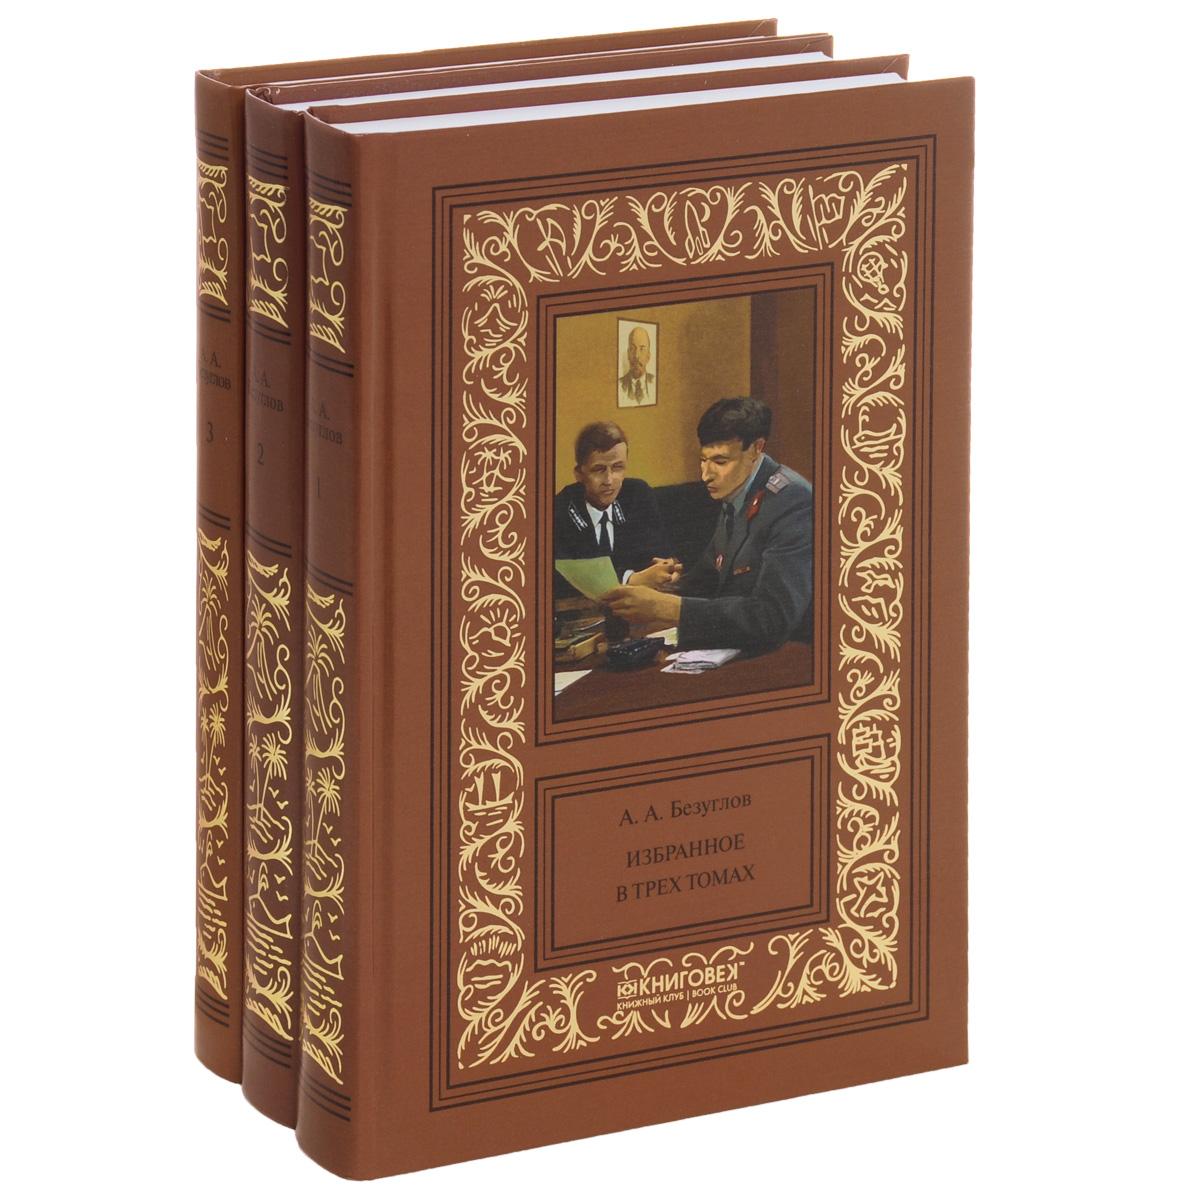 А. А. Безуглов А. А. Безуглов. Избранное. В 3 томах. (комплект из 3 книг) история искусства всех времен и народов в 3 томах комплект из 3 книг